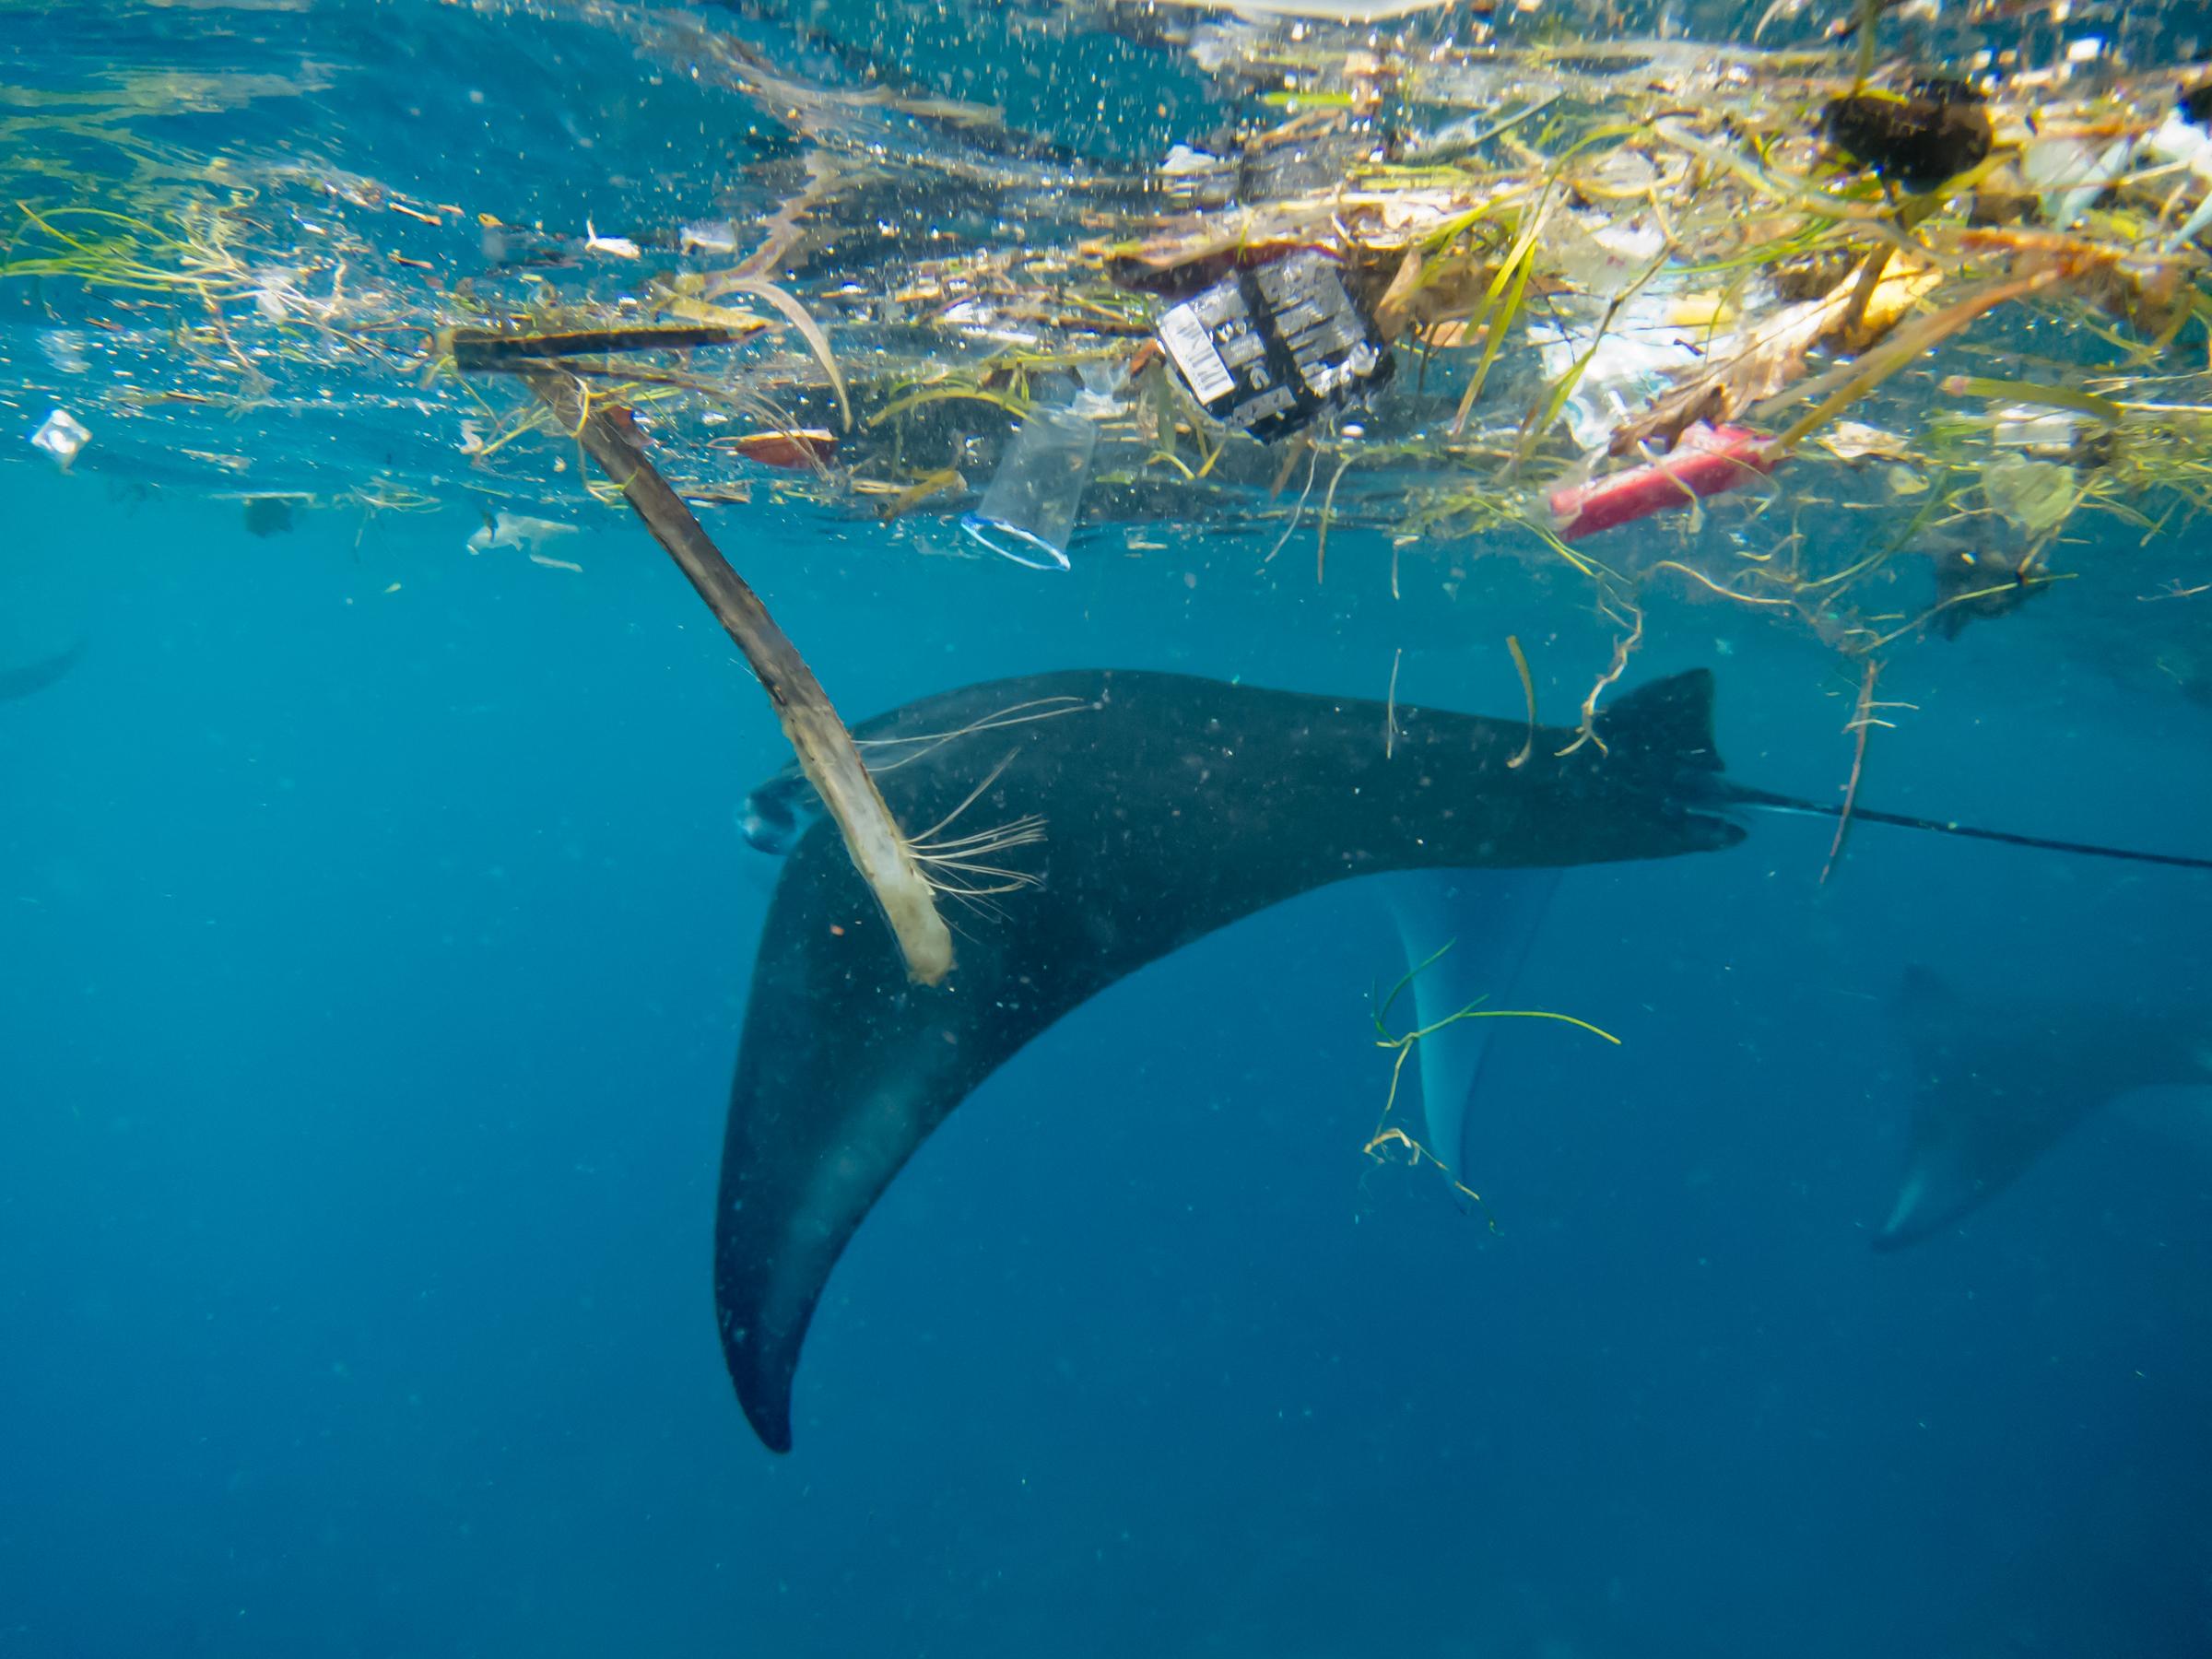 Estudio señala que casi la mitad de las especies de rayas mobula están amenazadas por los microplásticos. Foto: Fundación Megafauna Marina